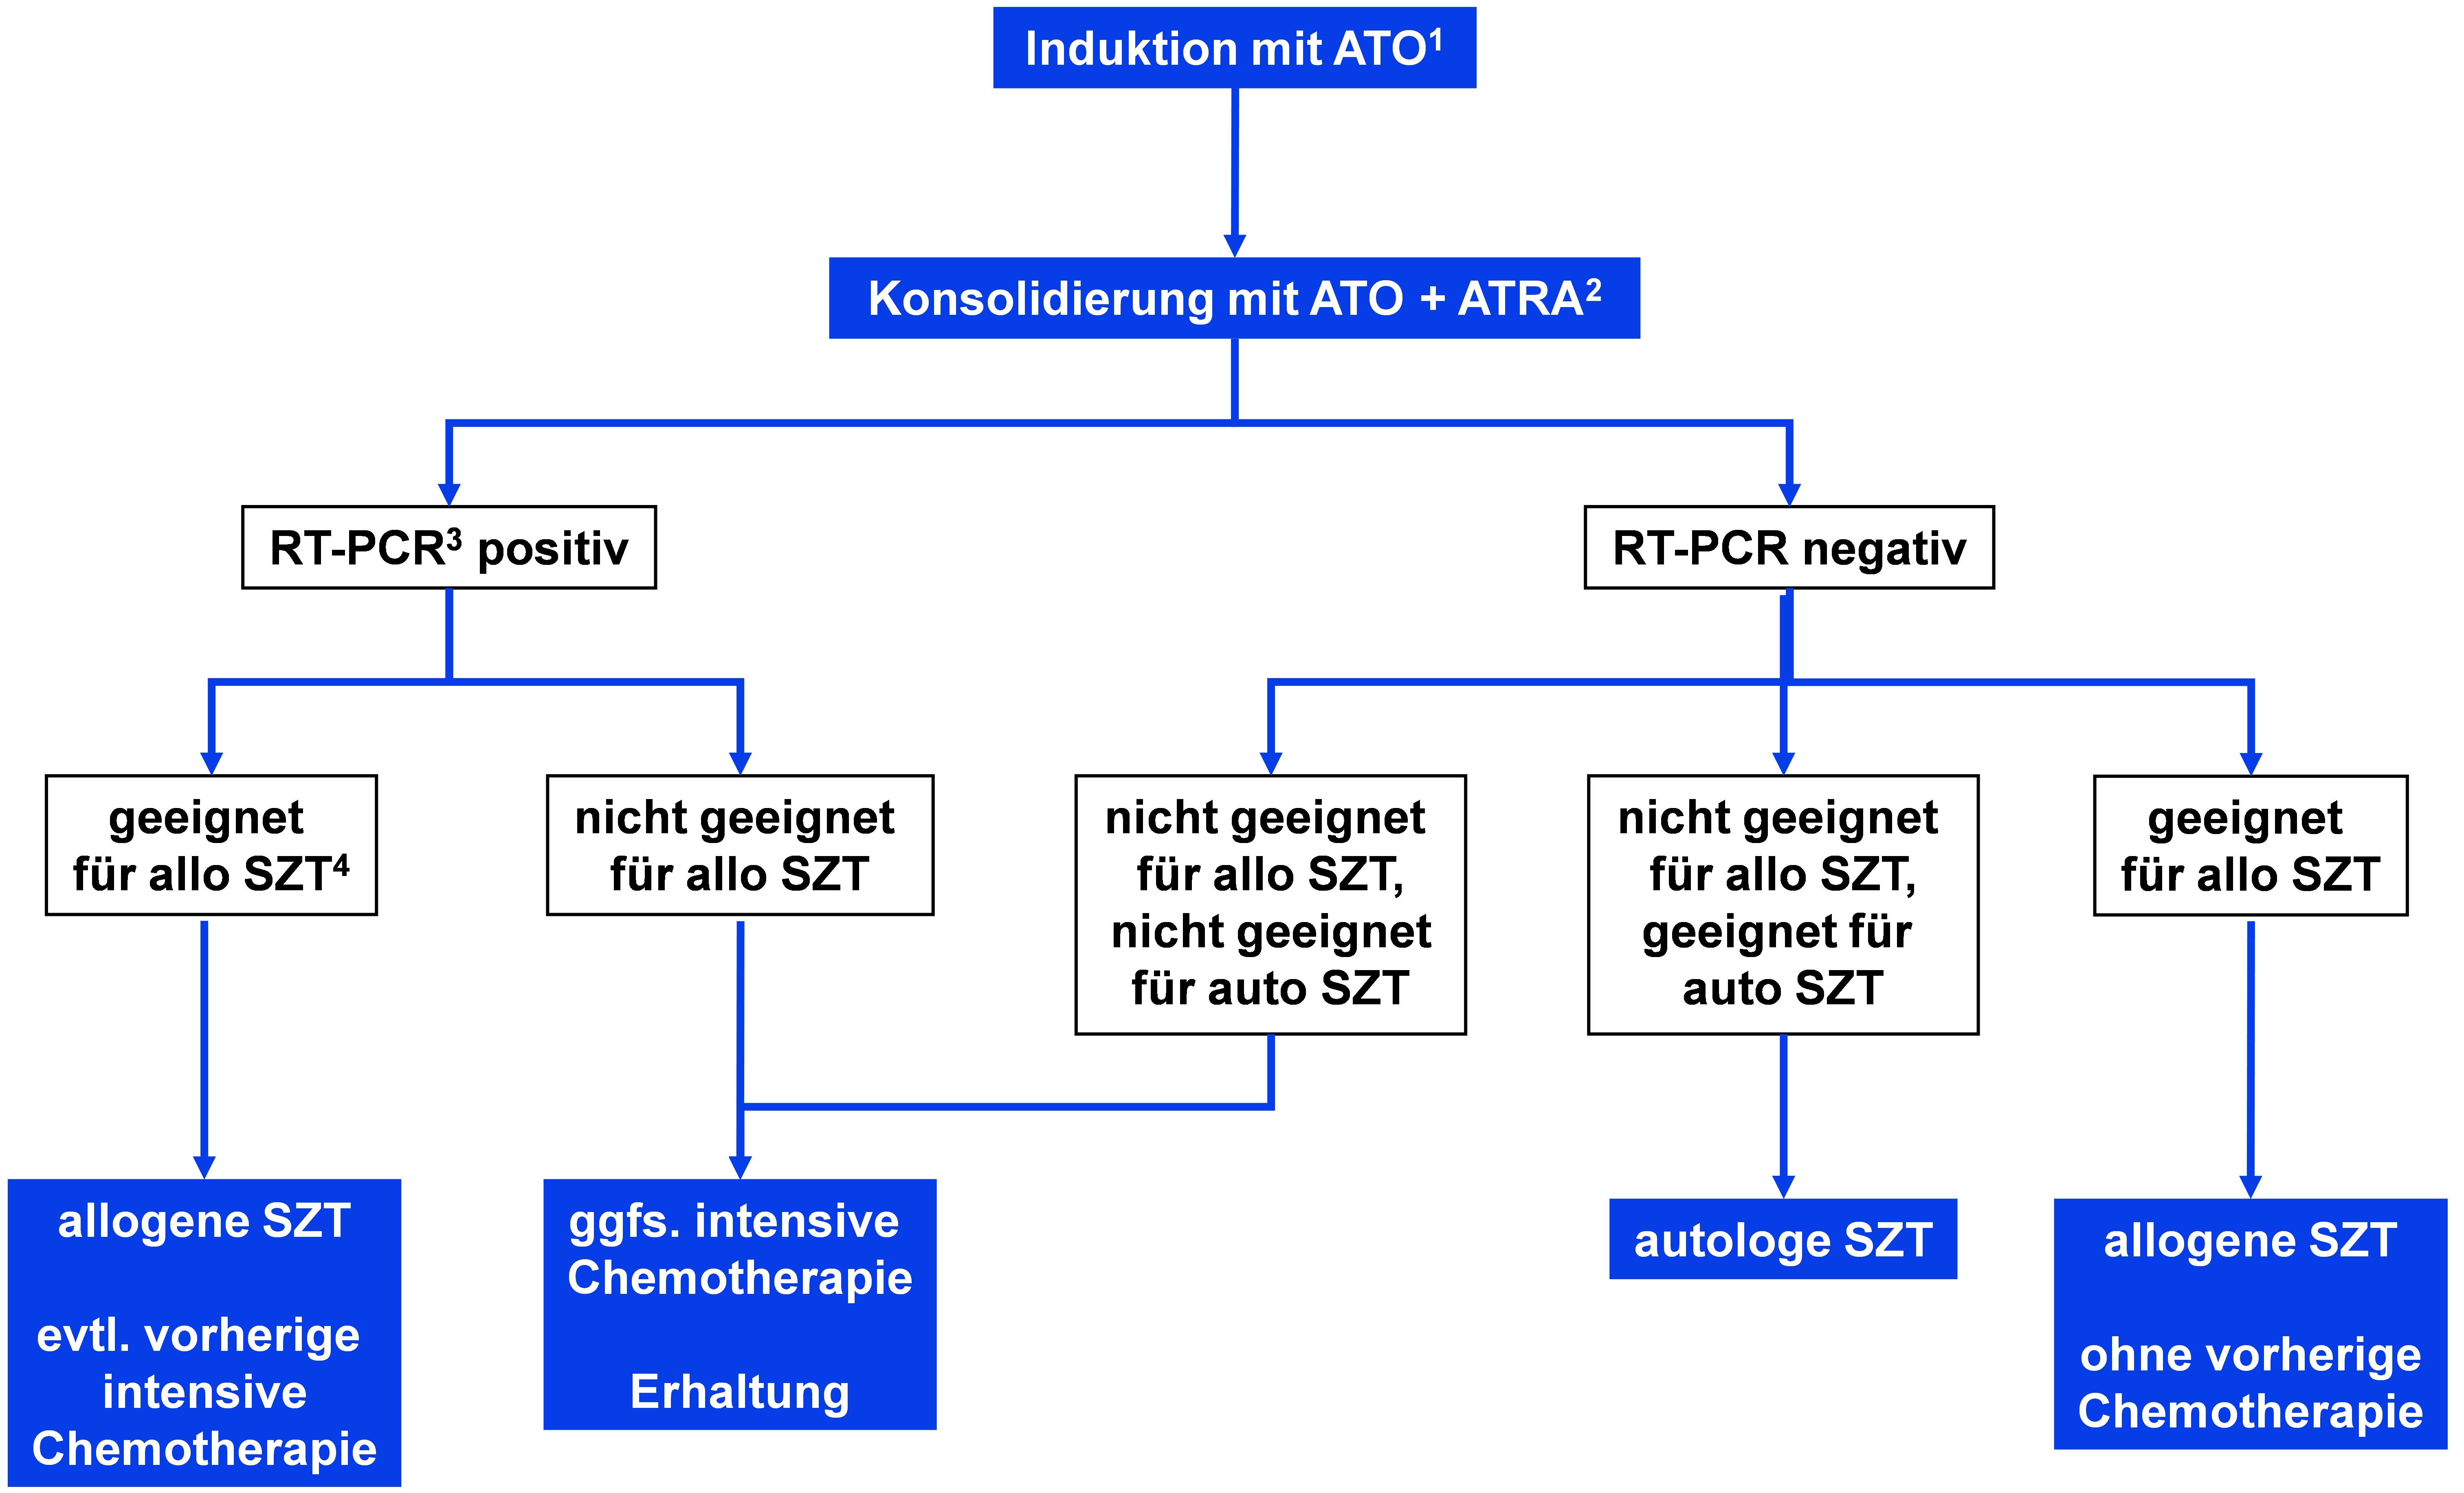 Algorithmus für die Zweitlinientherapie bei Akuter Promyelozytenleukämie nach vorhergehender Therapie mit ATRA und Chemotherapie